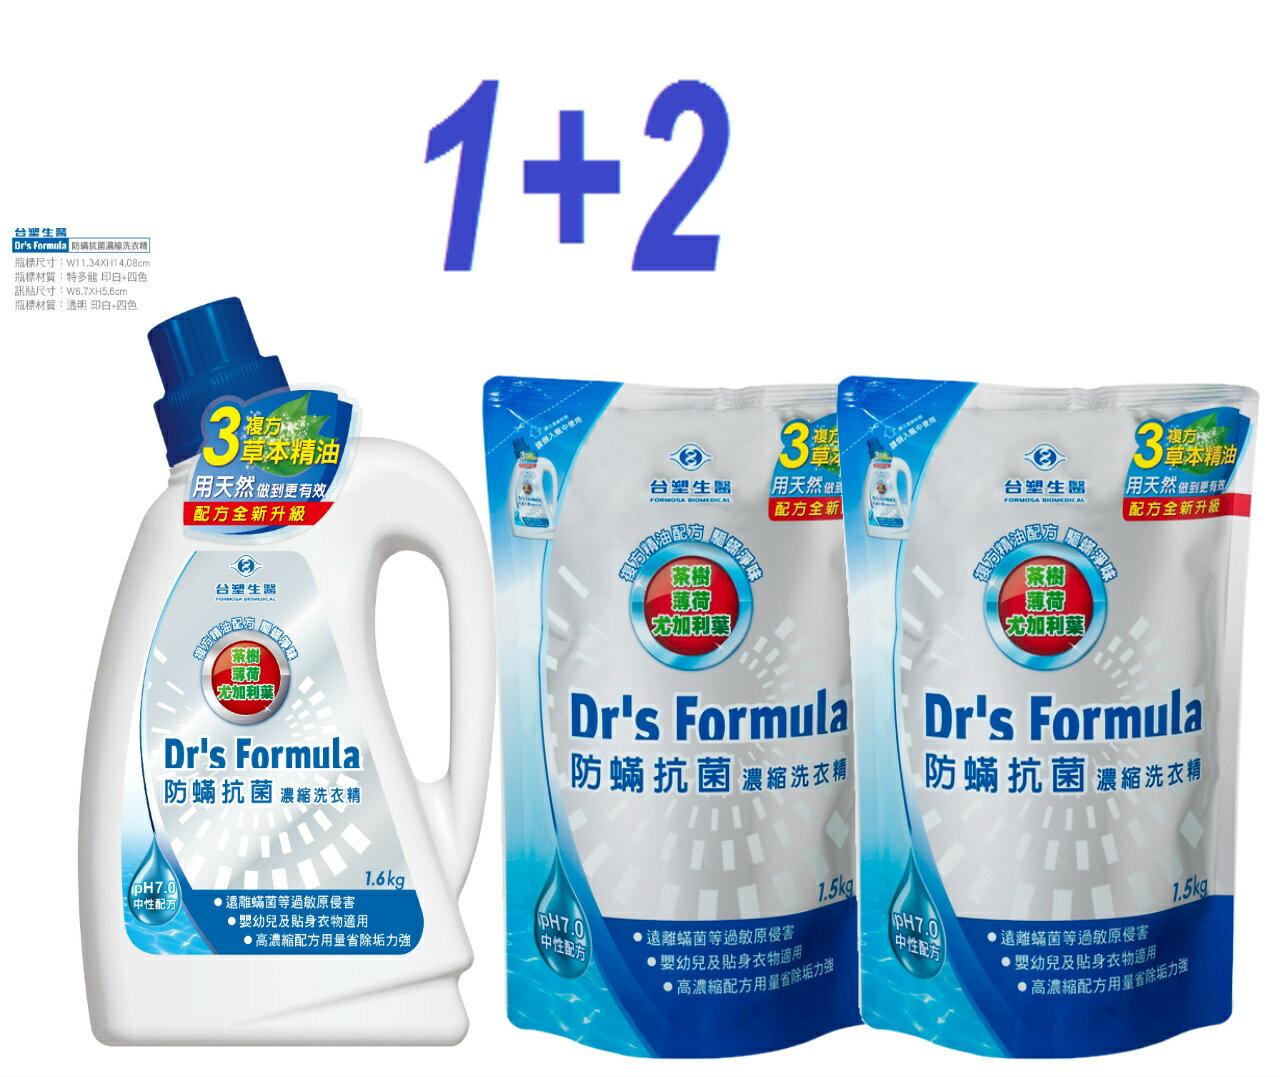 【購購購】台塑生醫 防蹣抗菌洗衣精促銷組1.6kg+1.5kg*2* 3組 / 箱購 (複方升級版) 0